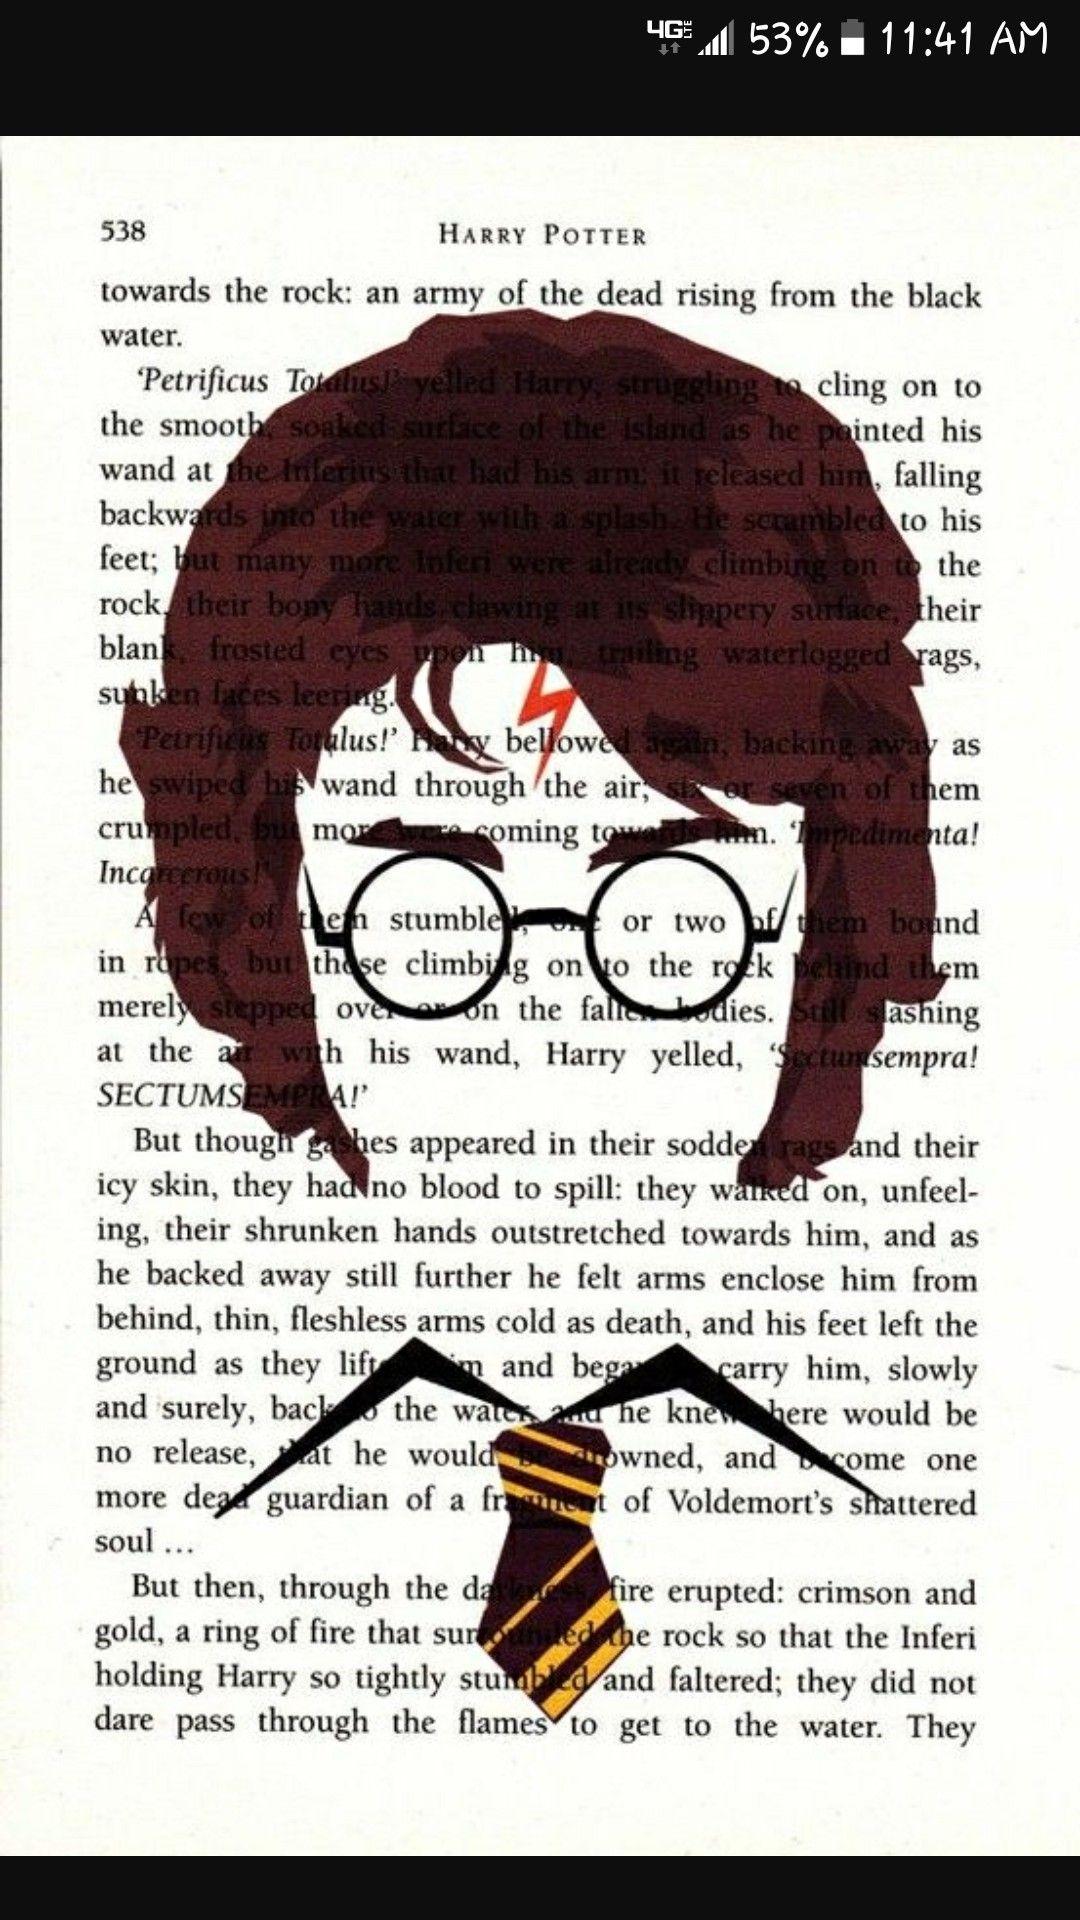 Queen Harry Potter Humor Stuff Fantastic Beasts Joy Geek Chic Pinterest Board Mischief Managed Fandom